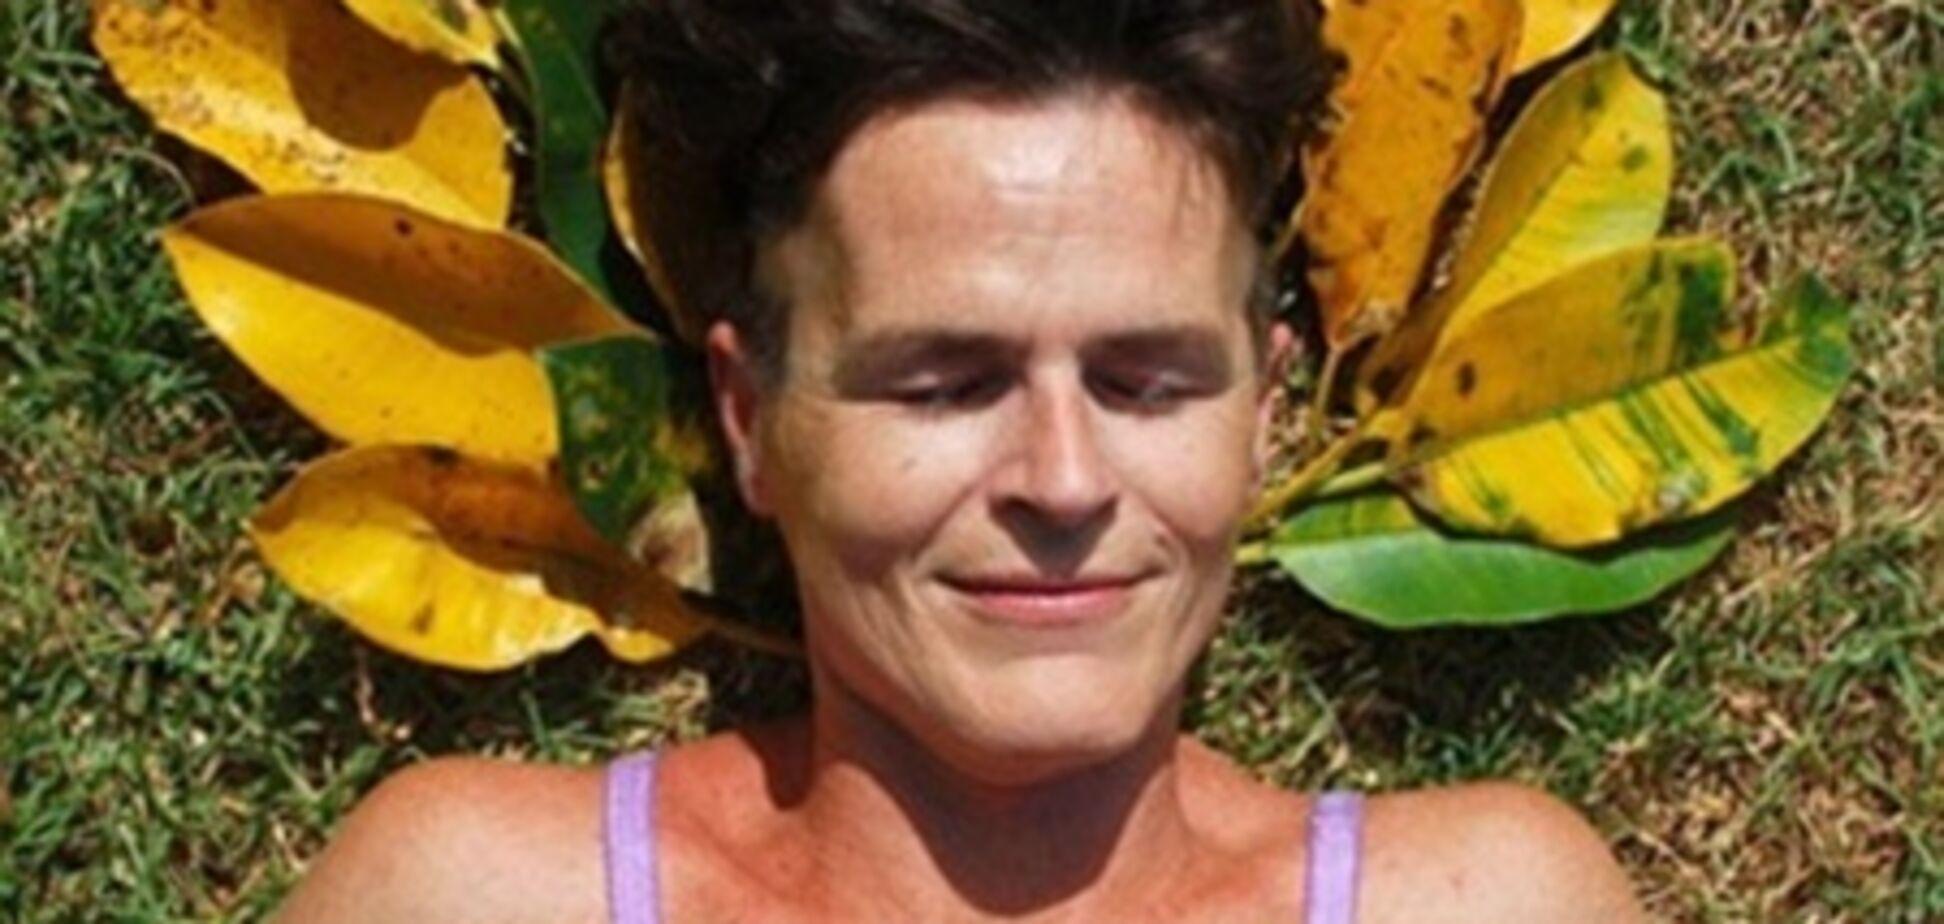 Суд в Австралии признал существование третьего пола